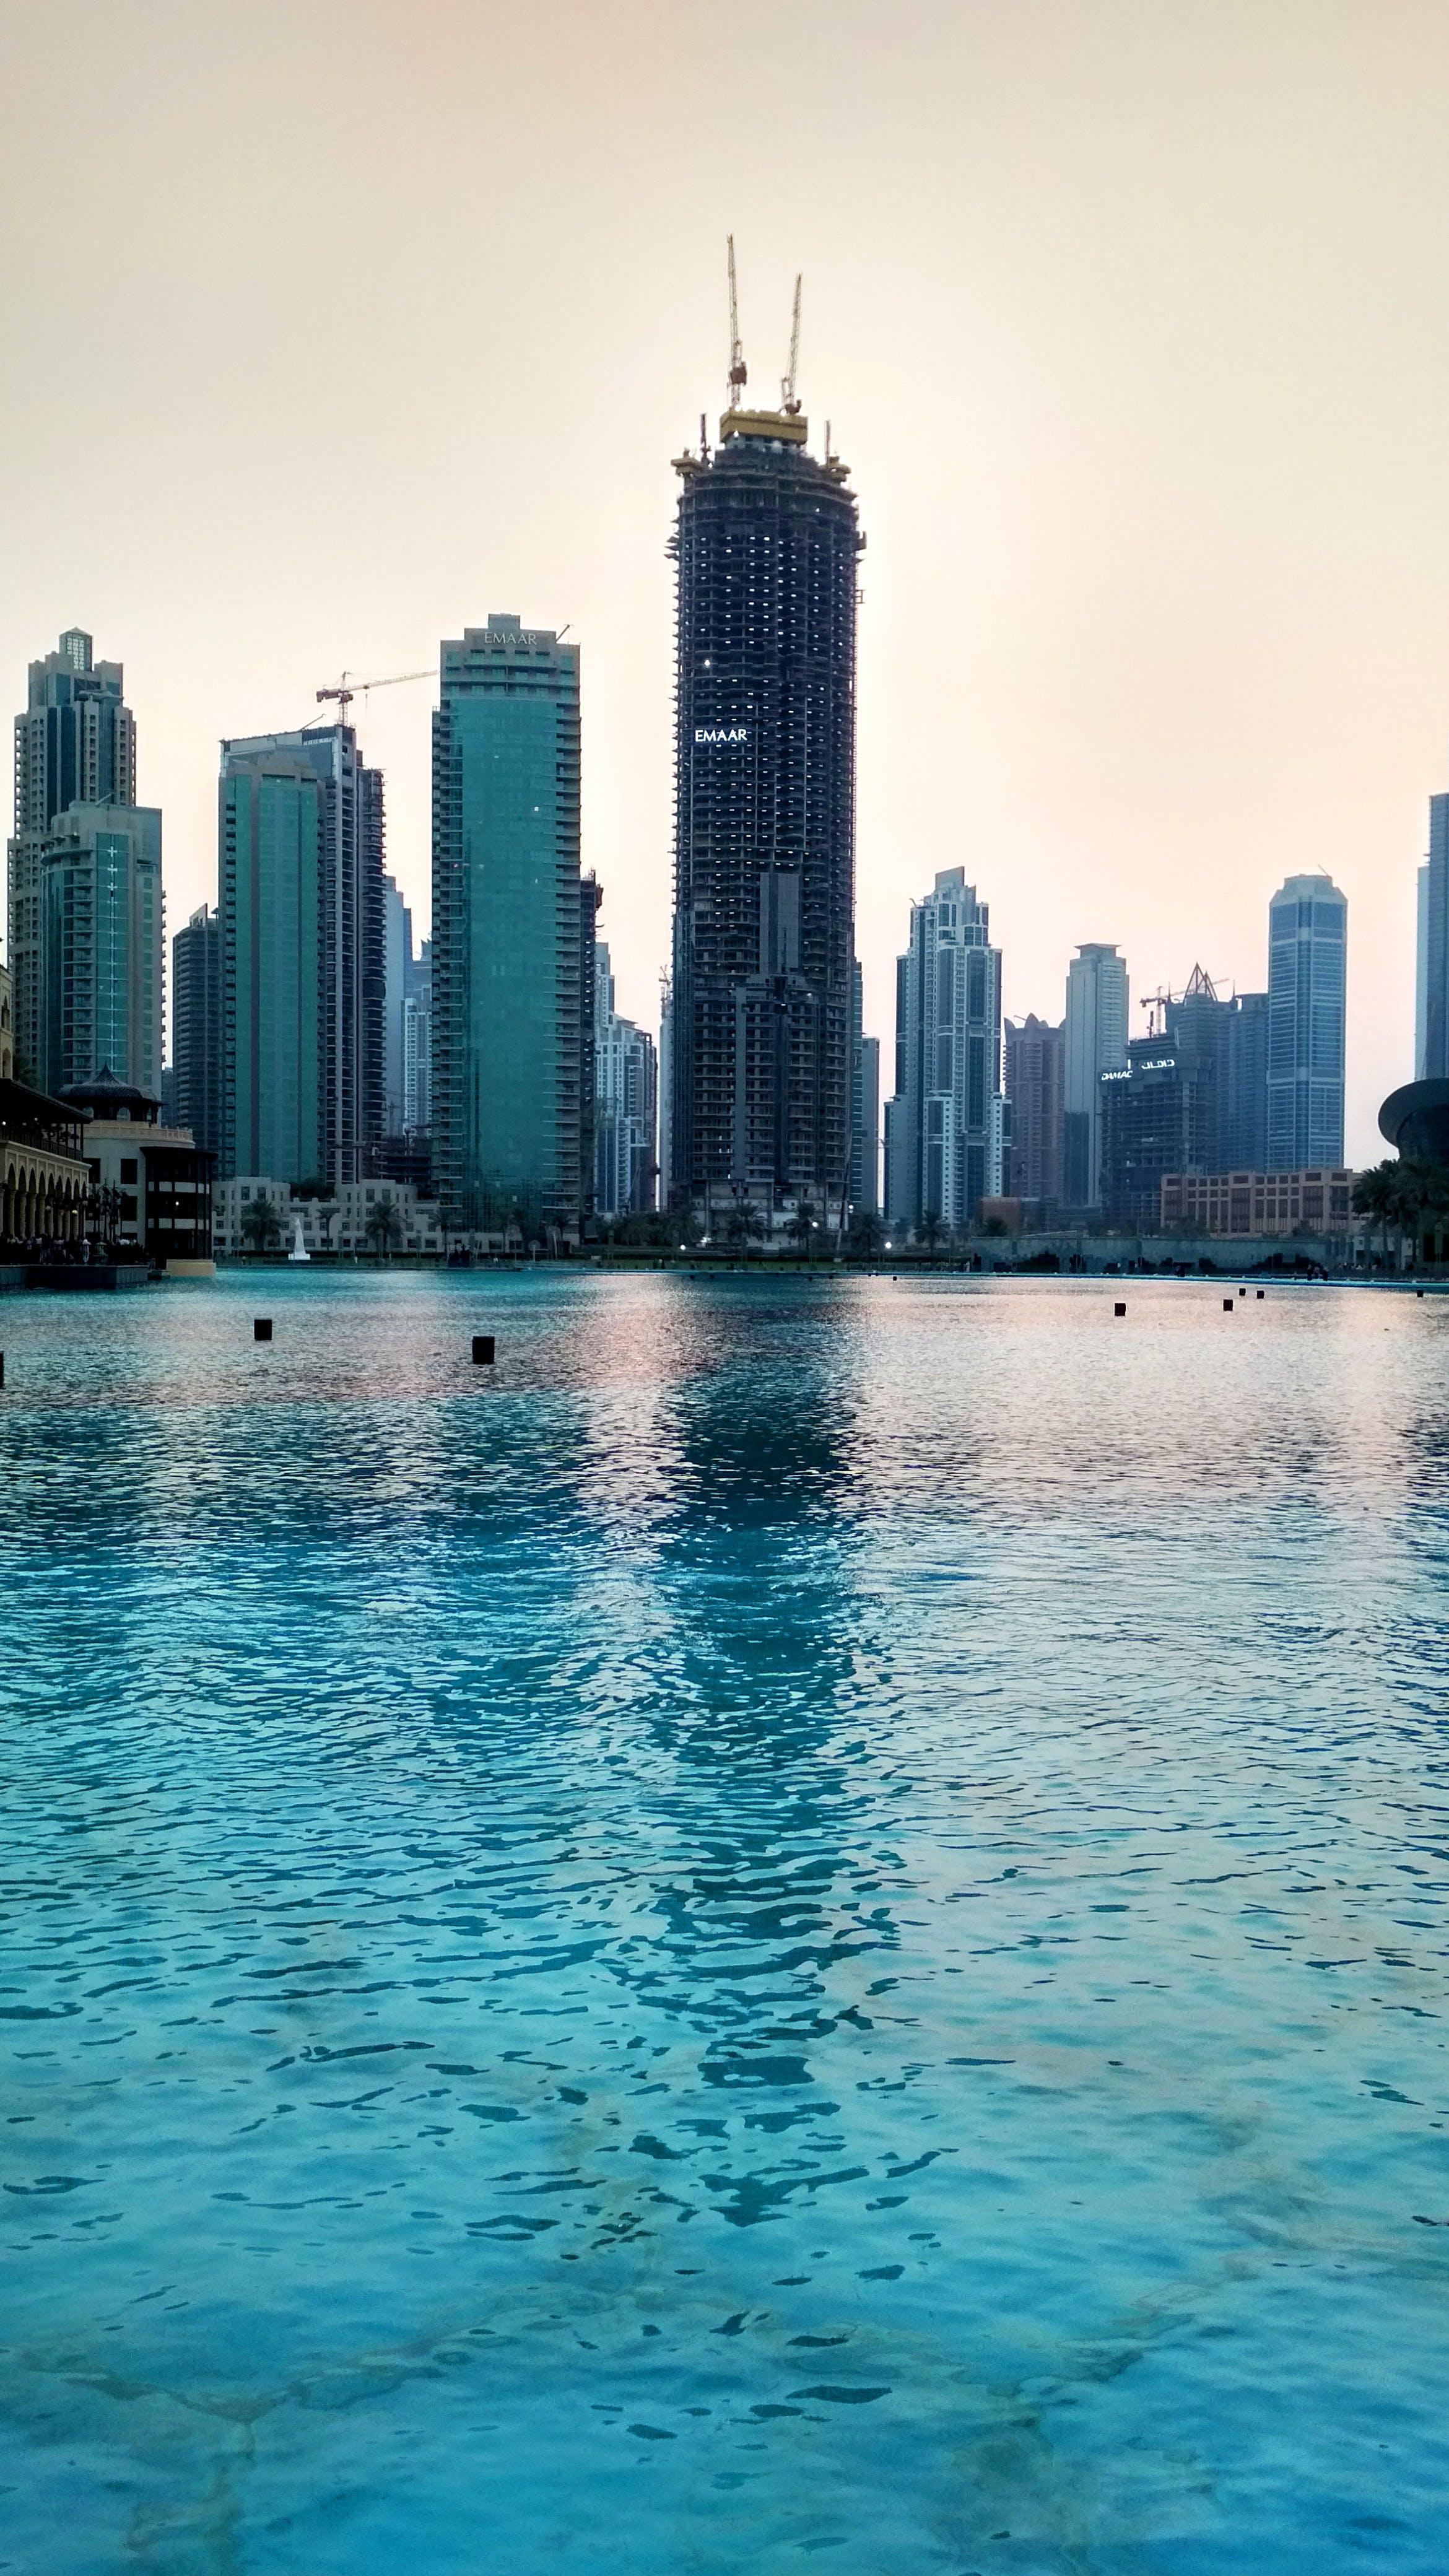 Kostnadsfri bild av arkitektur, byggnader, högsta, horisont